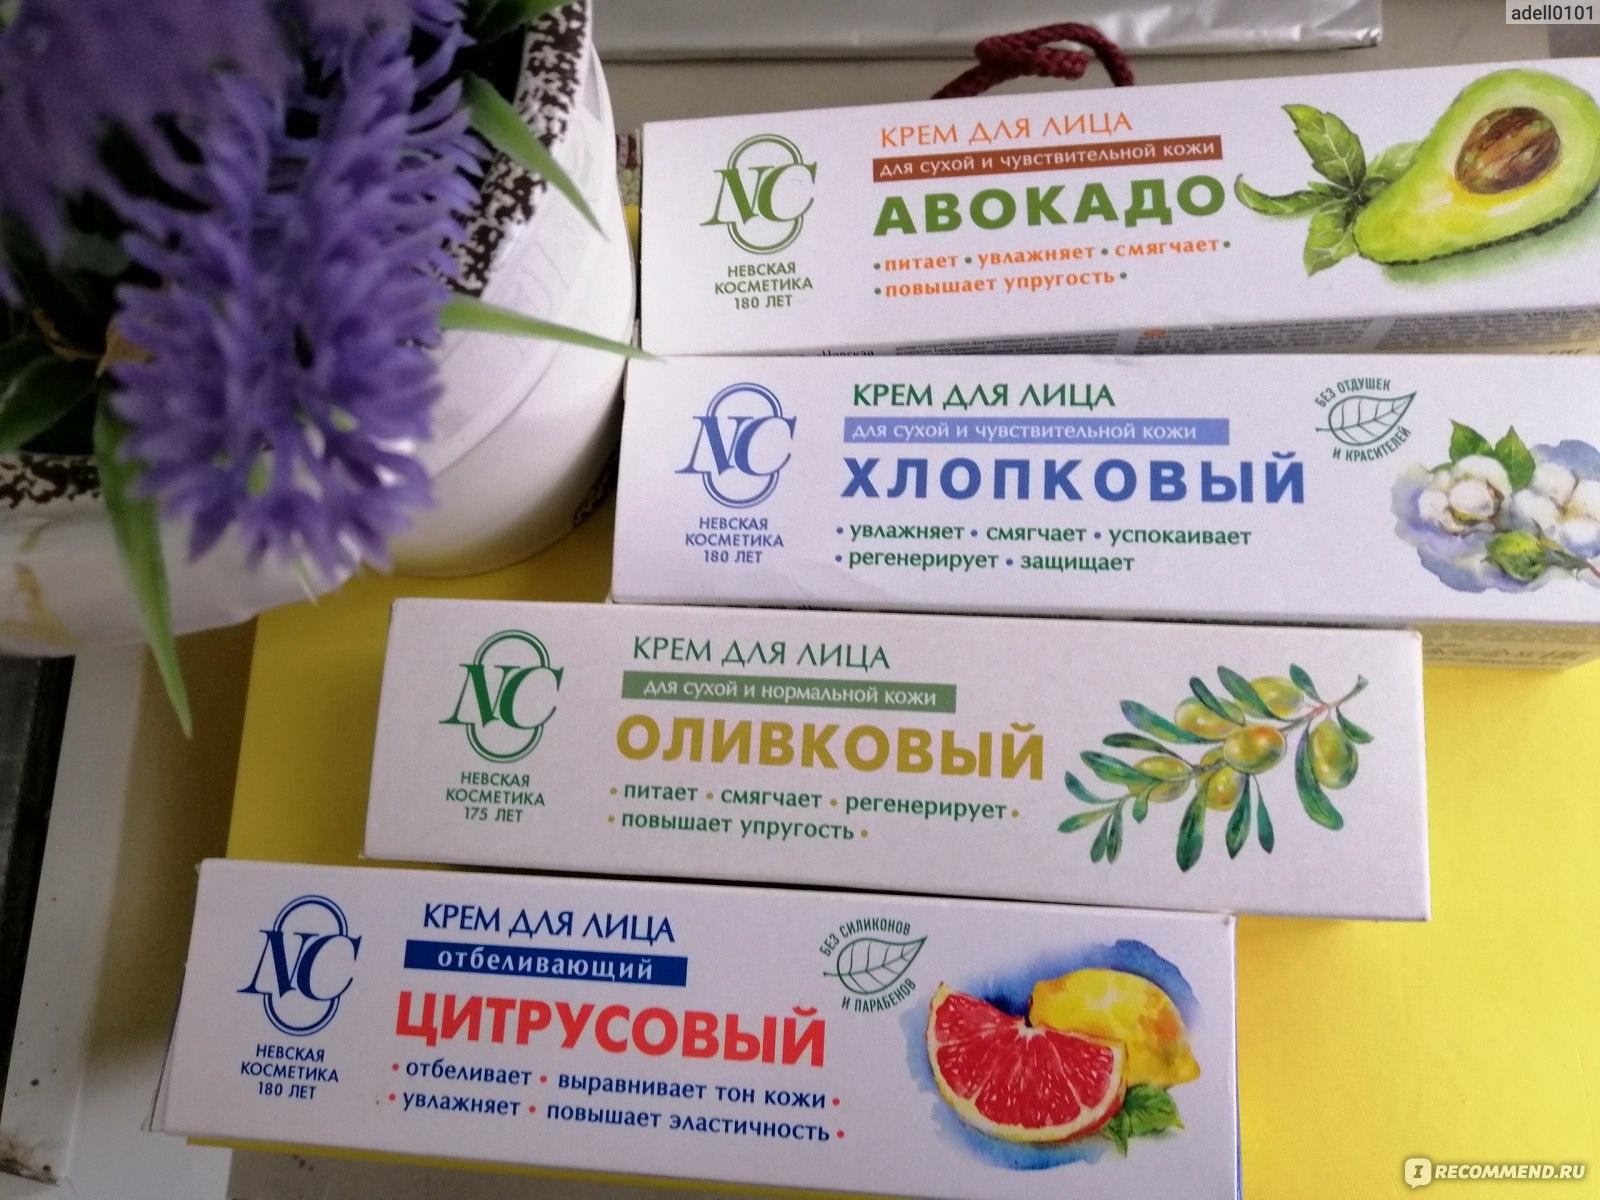 Невская косметика в самаре купить gigi косметика купить в магазине